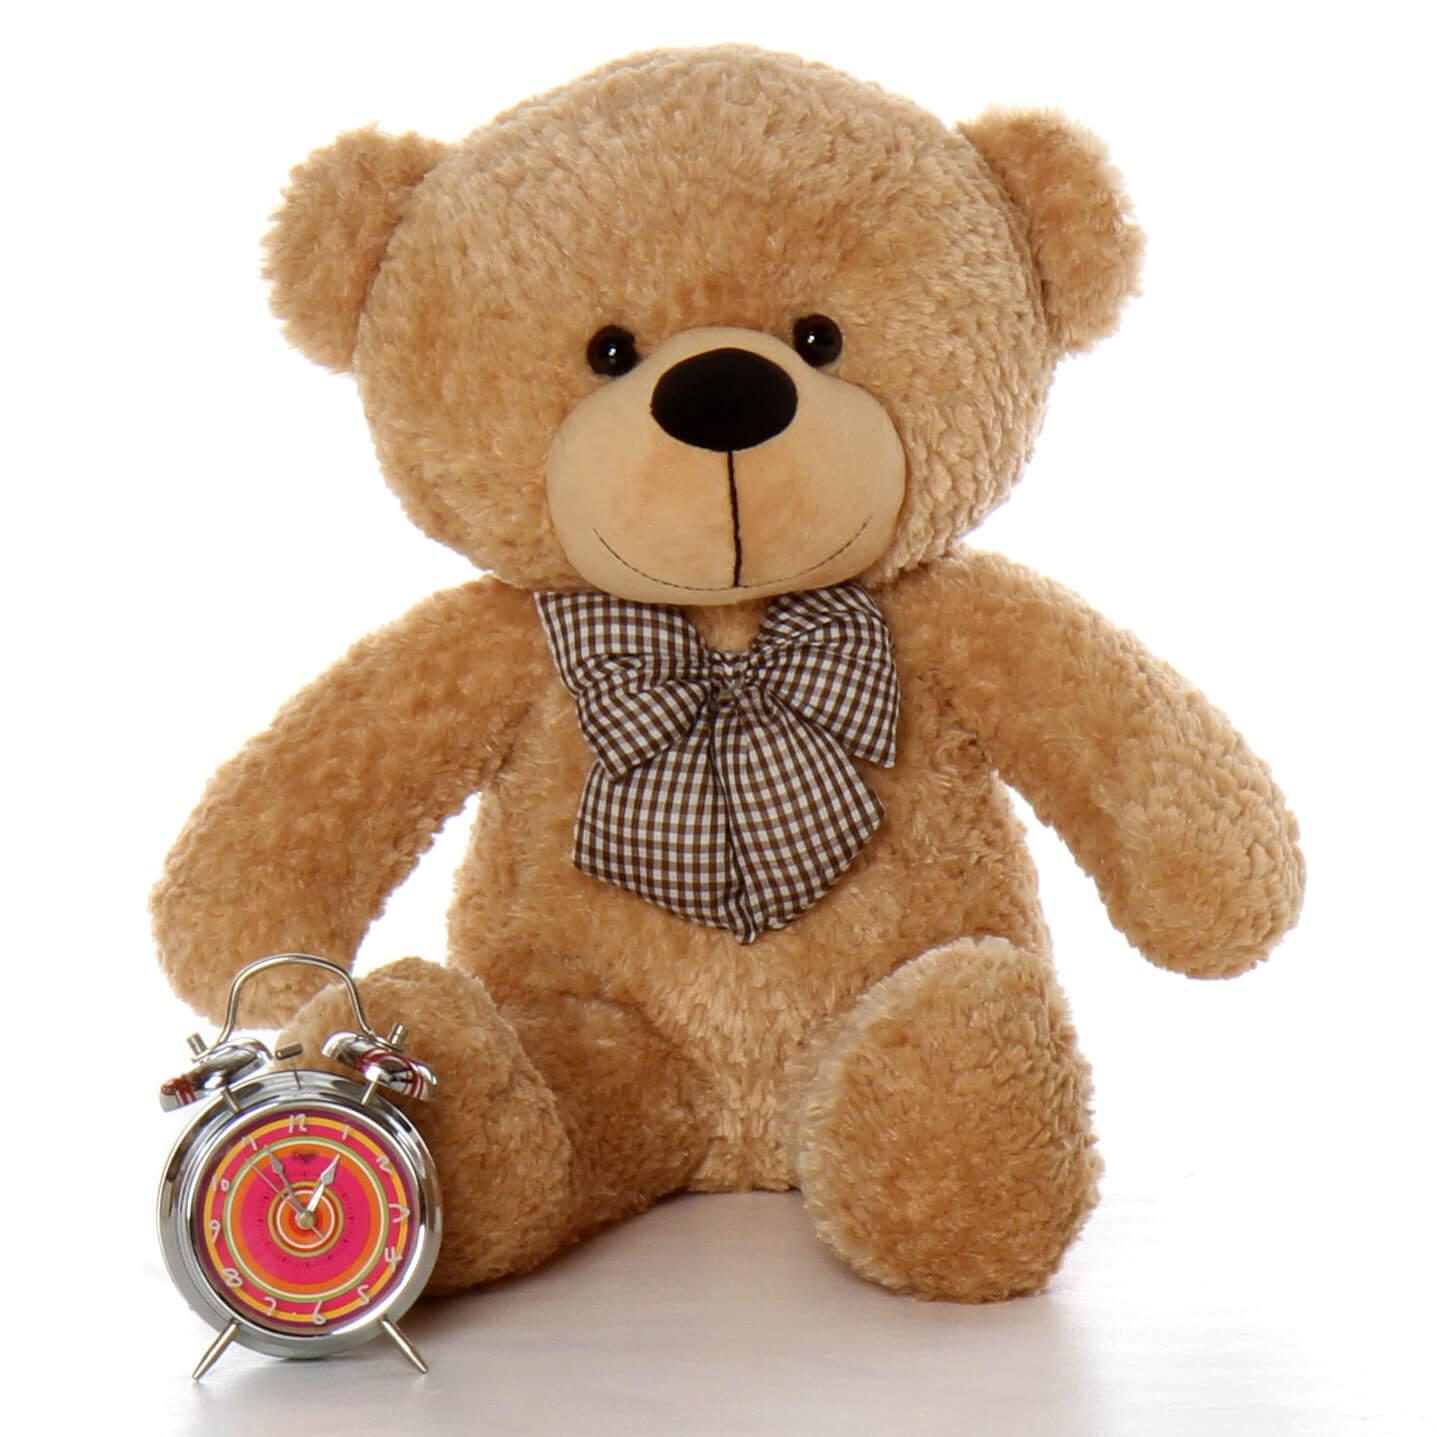 2.5ft Tall Adorable Big Teddy Bear Shaggy Cuddles